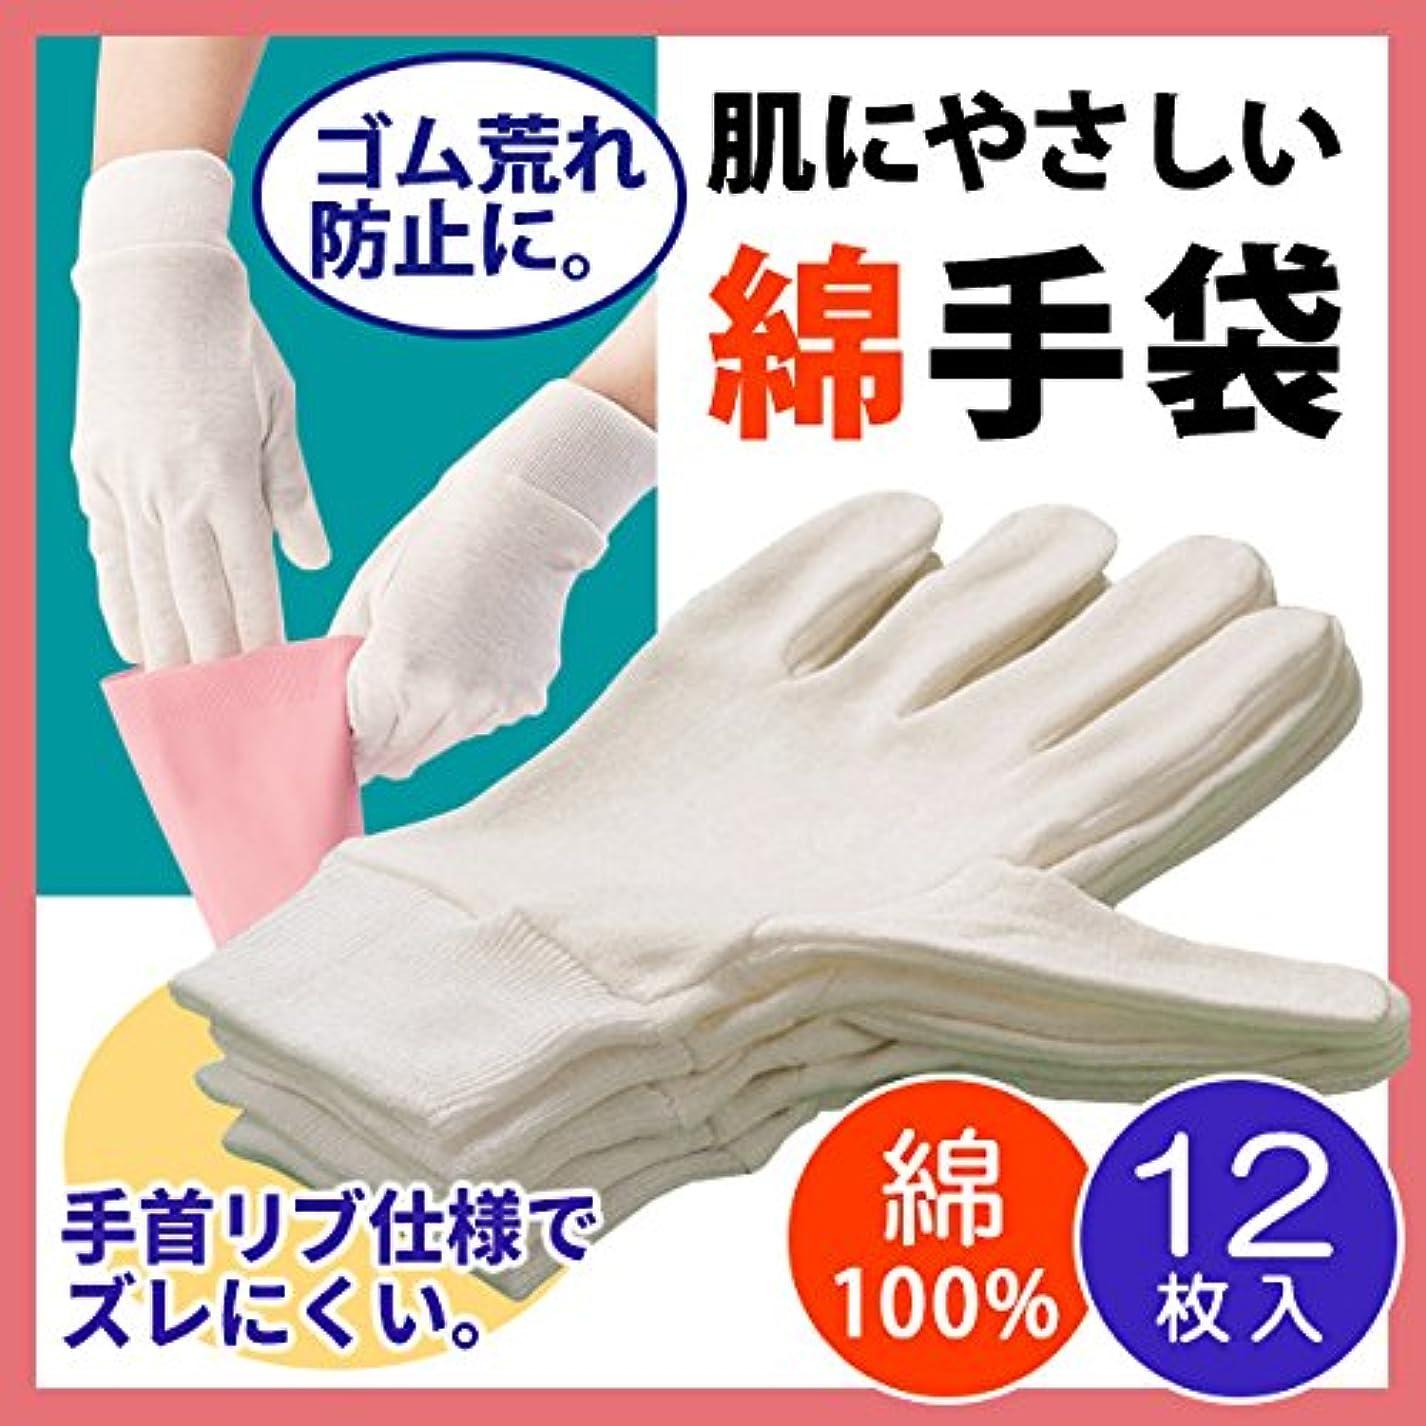 登録する強制息を切らして【女性用】肌にやさしいコットン手袋 12枚入り